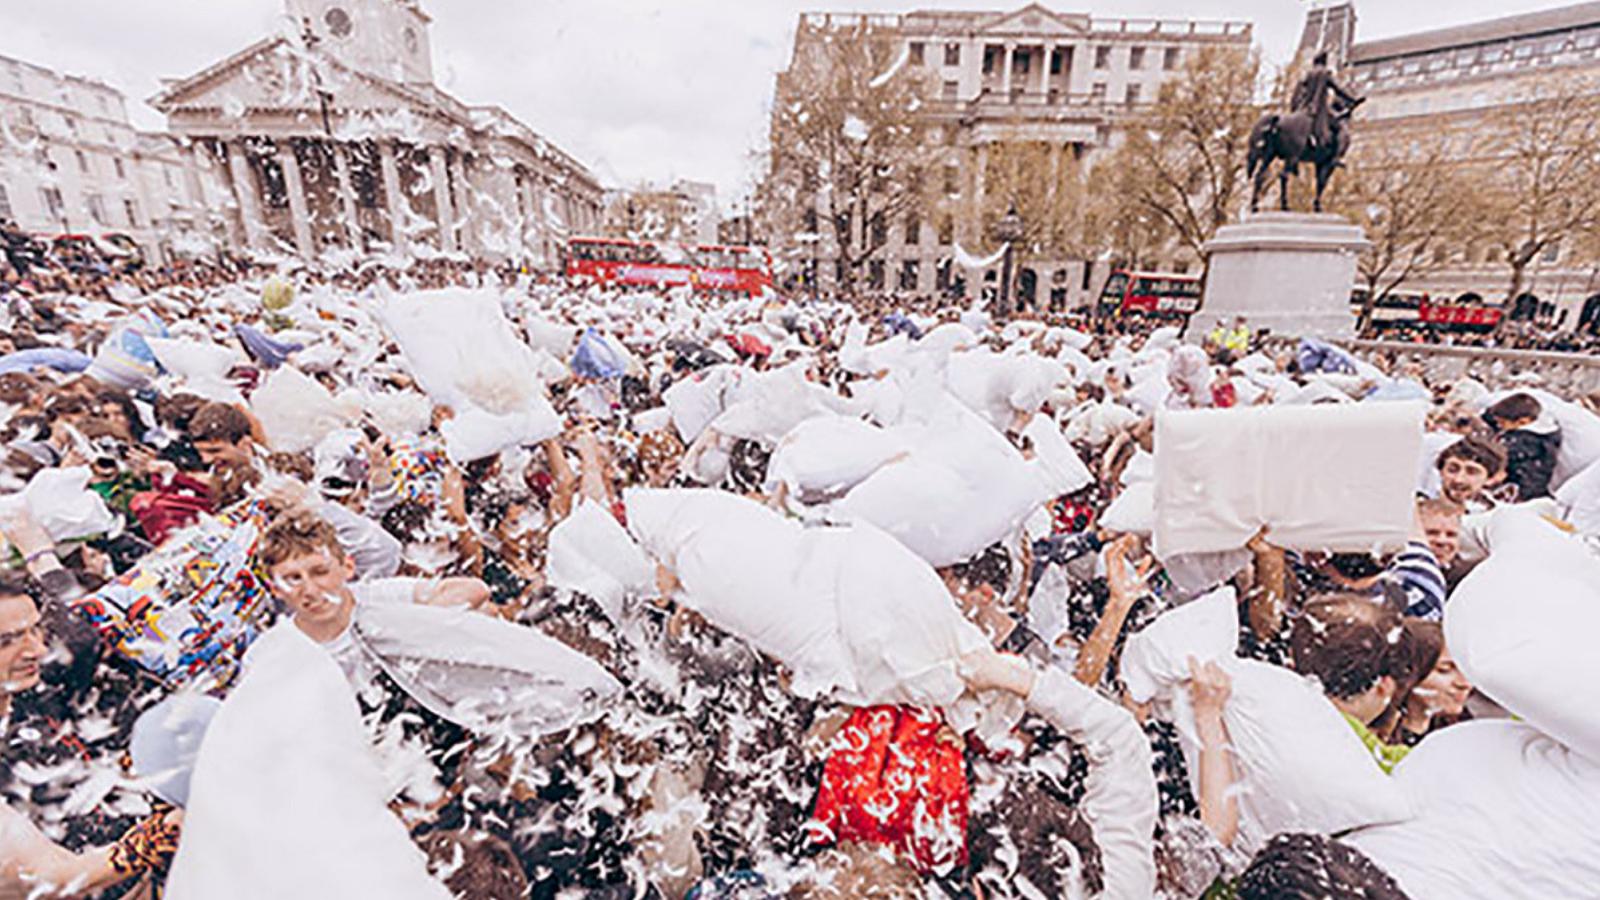 Lễ hội đập gối quốc tế London, Anh